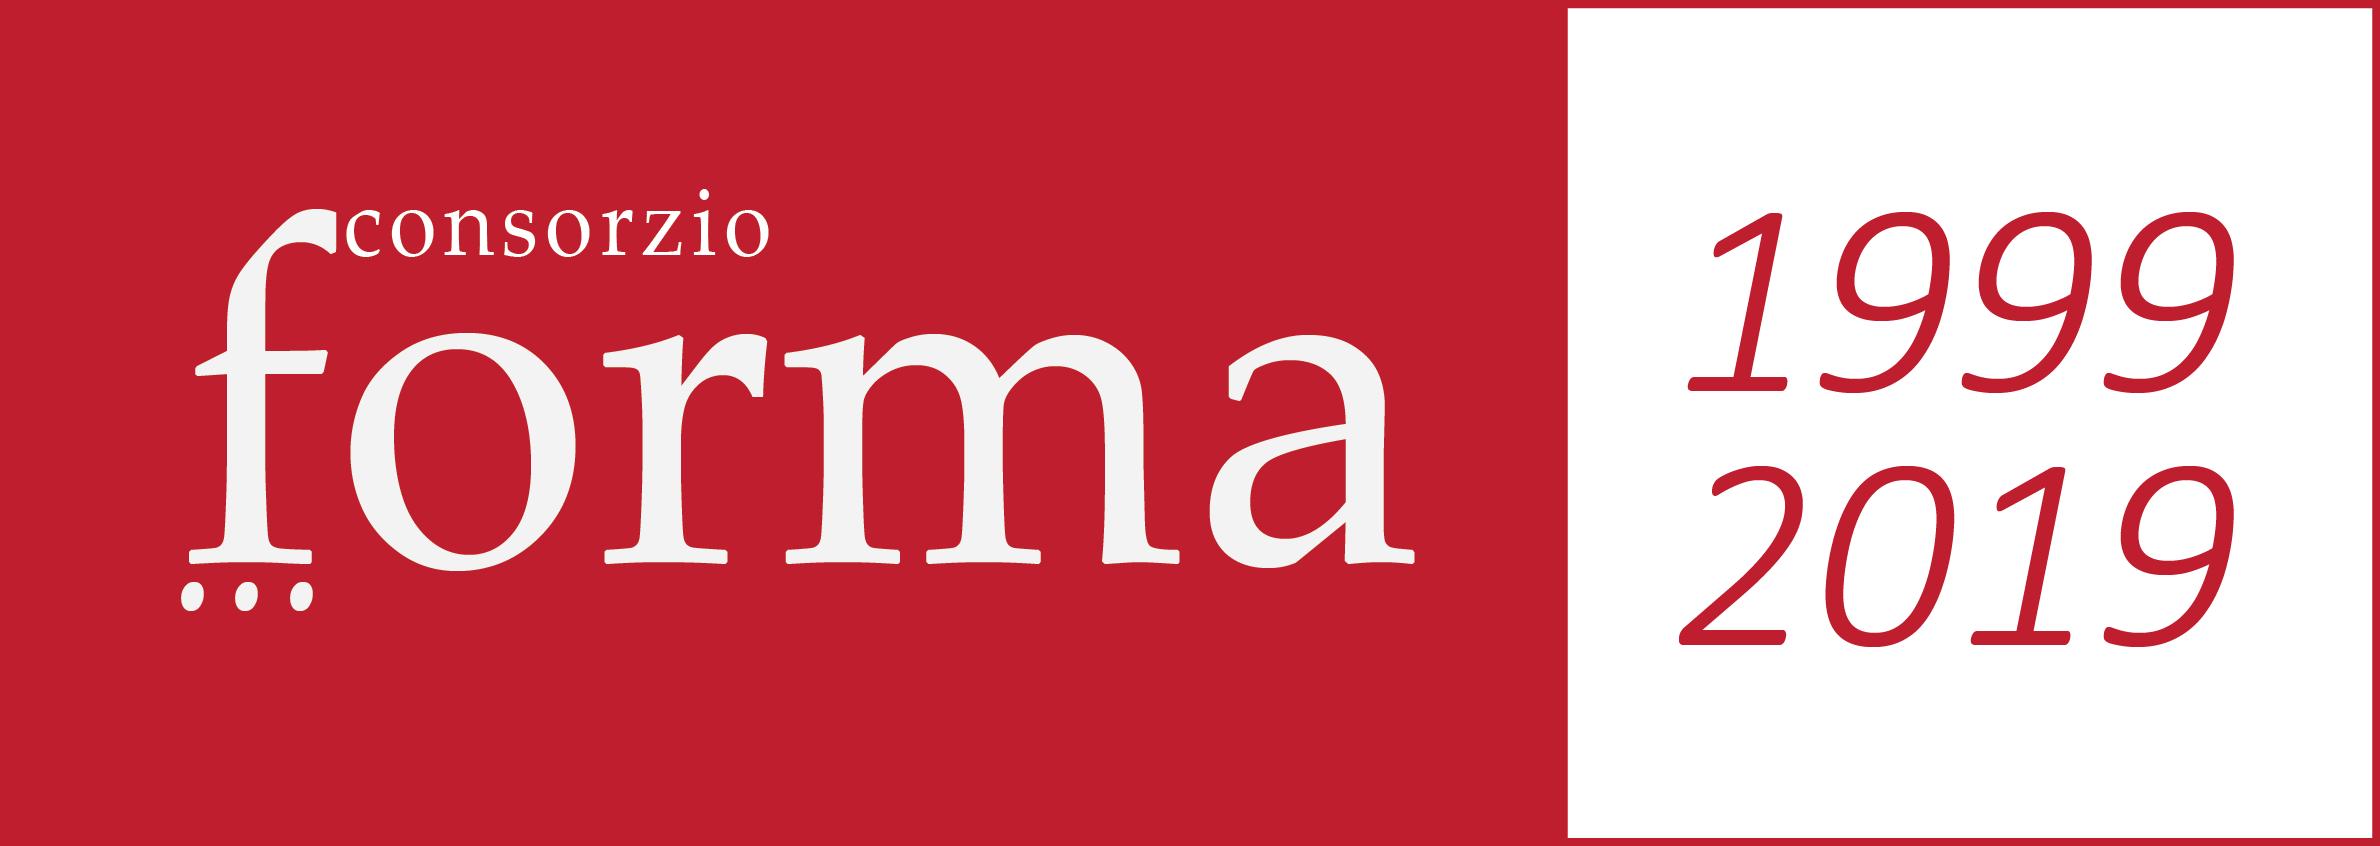 CONSORZIO FORMA – Innovazione e Comunicazione per la Formazione